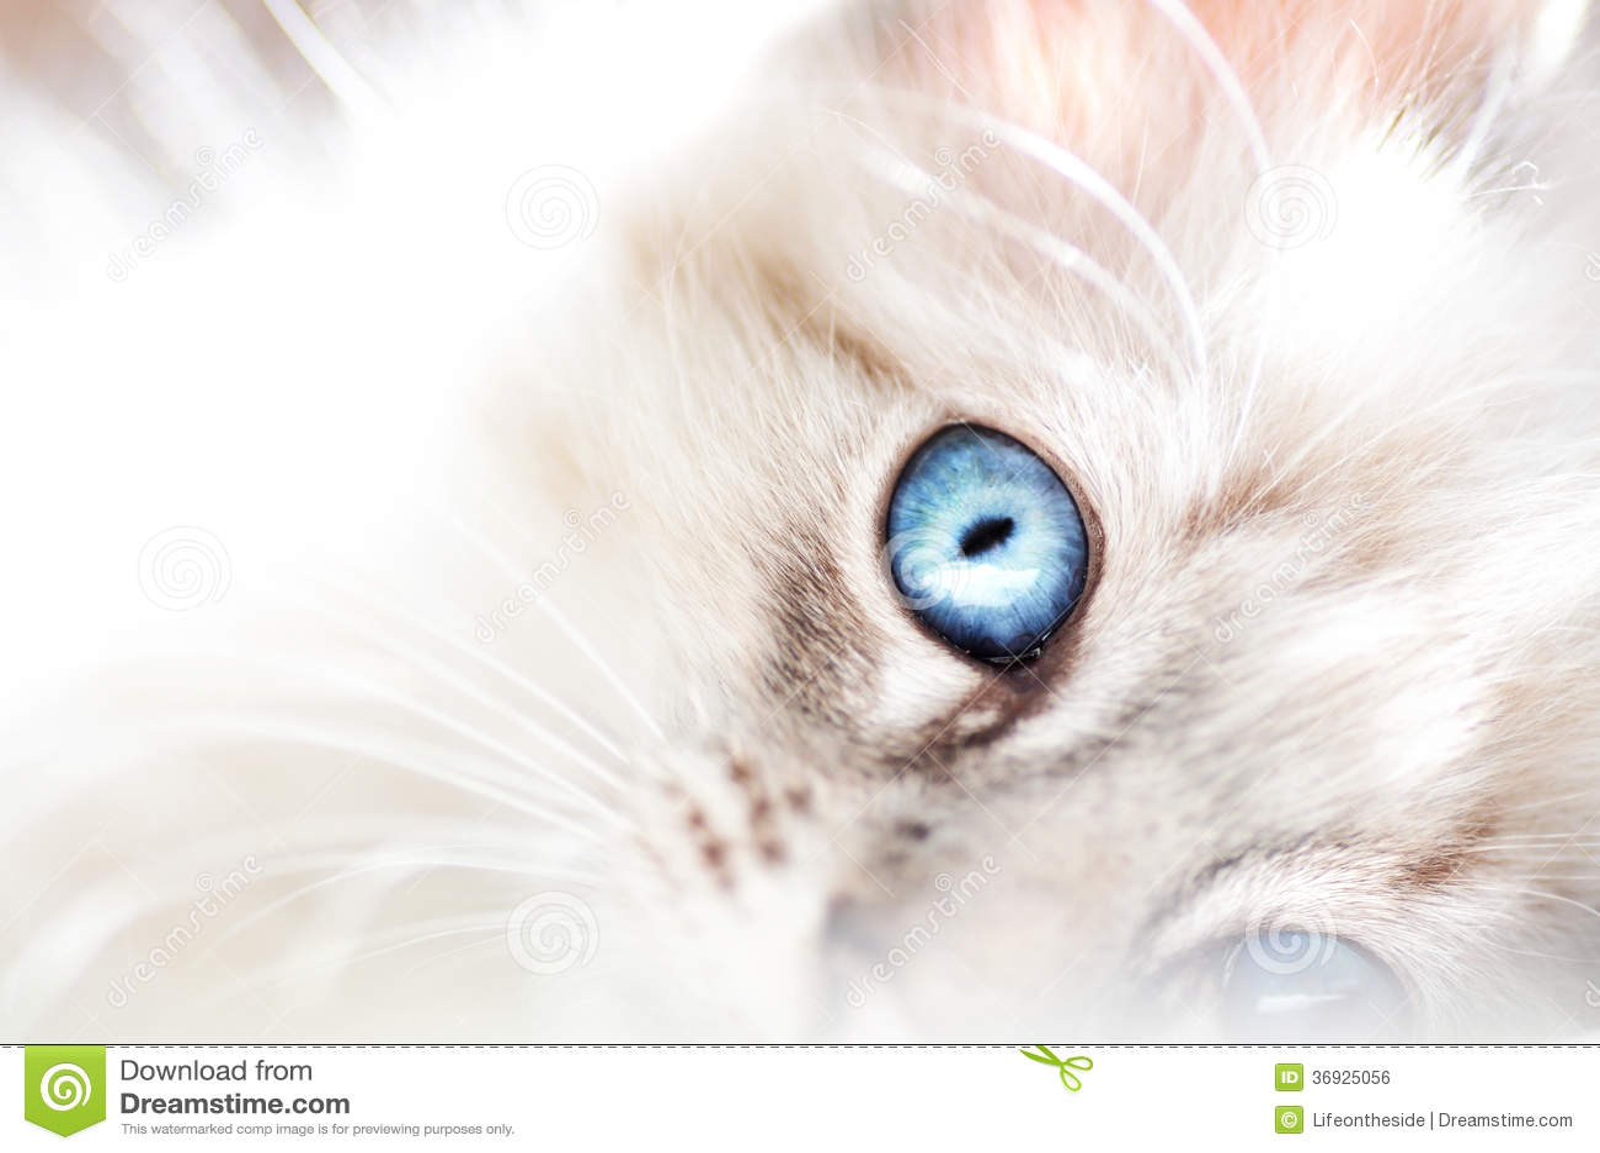 Cute Siamese Kittens Wallpaper Fluffy White Innocent Baby Blue Eyed Kitten Stock Photo